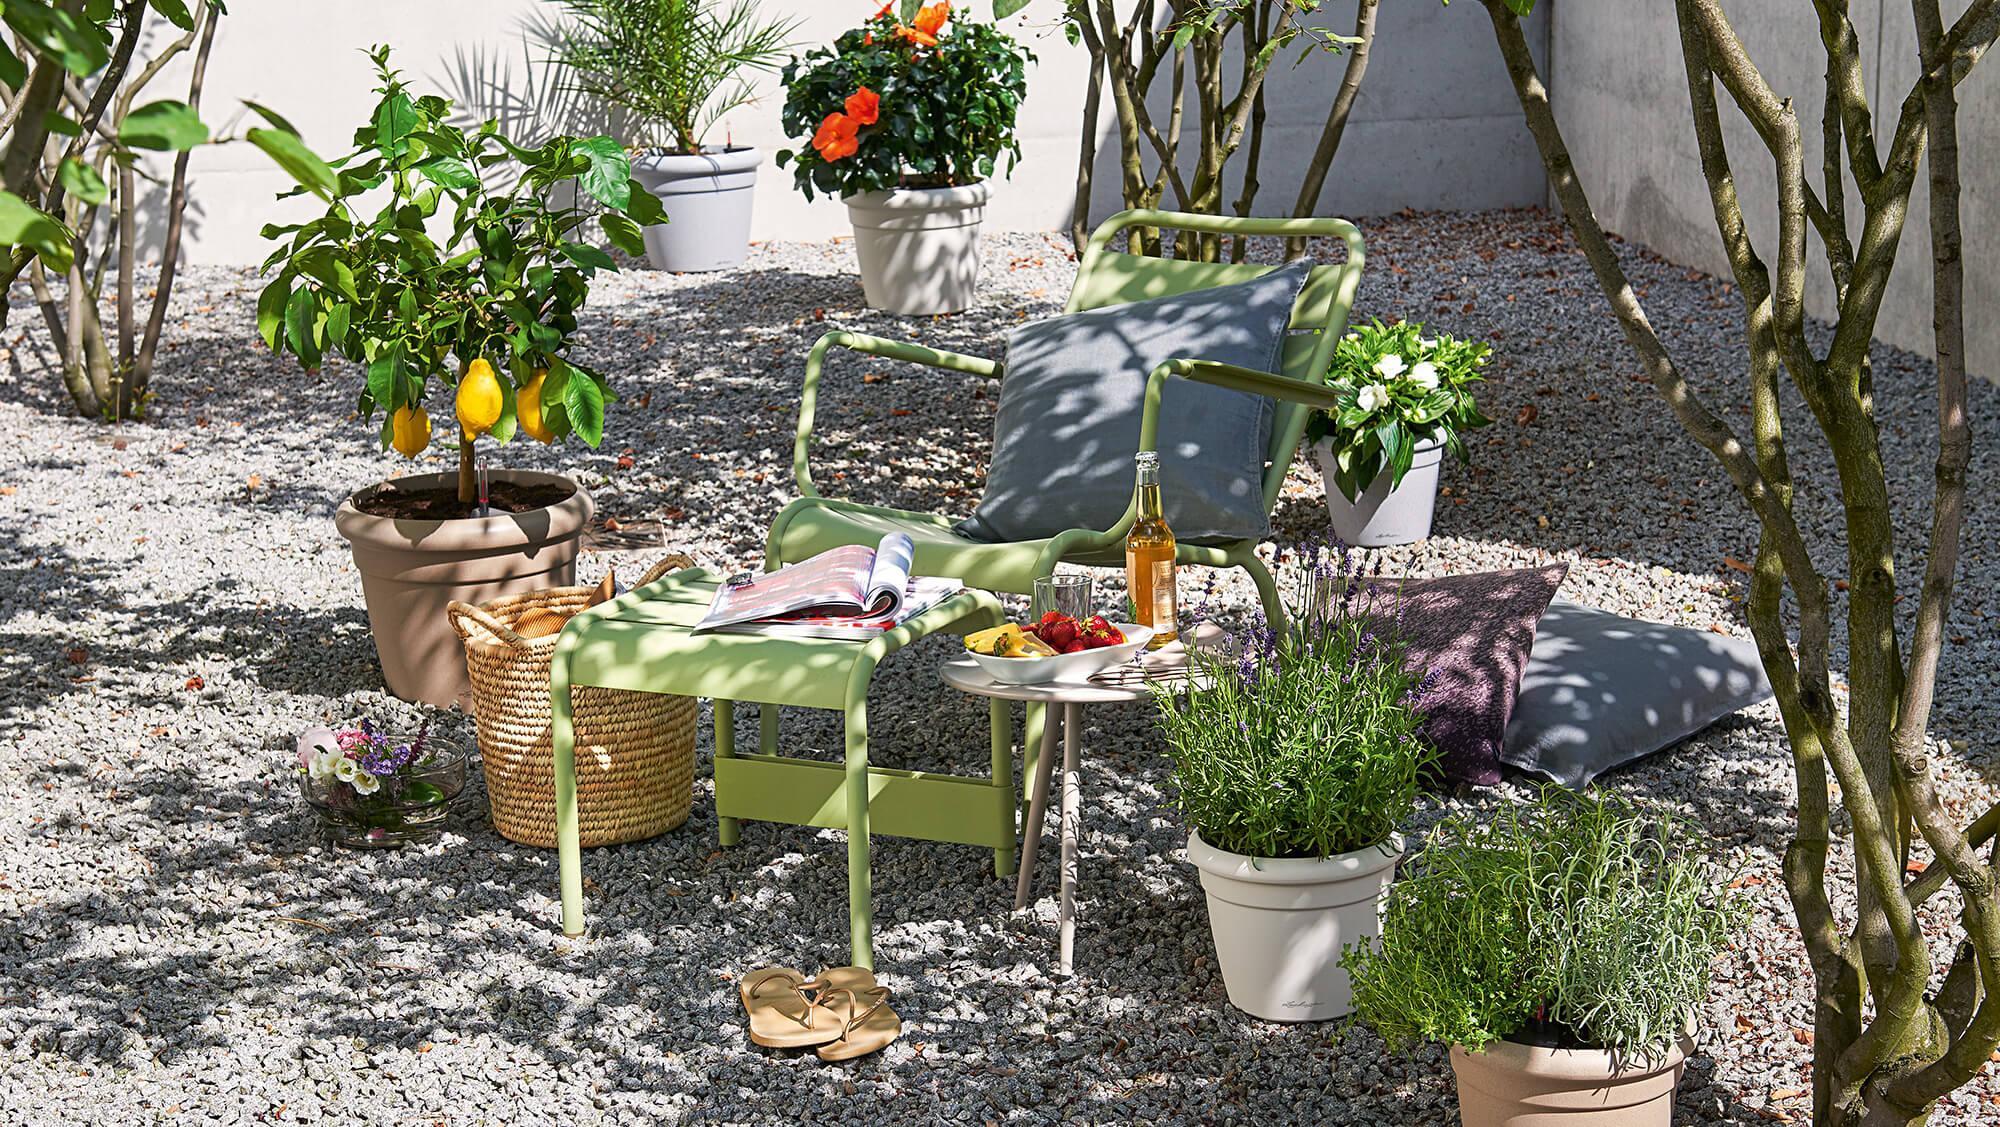 le_tw-urban-gardening_rustico35_6tlg_sandb